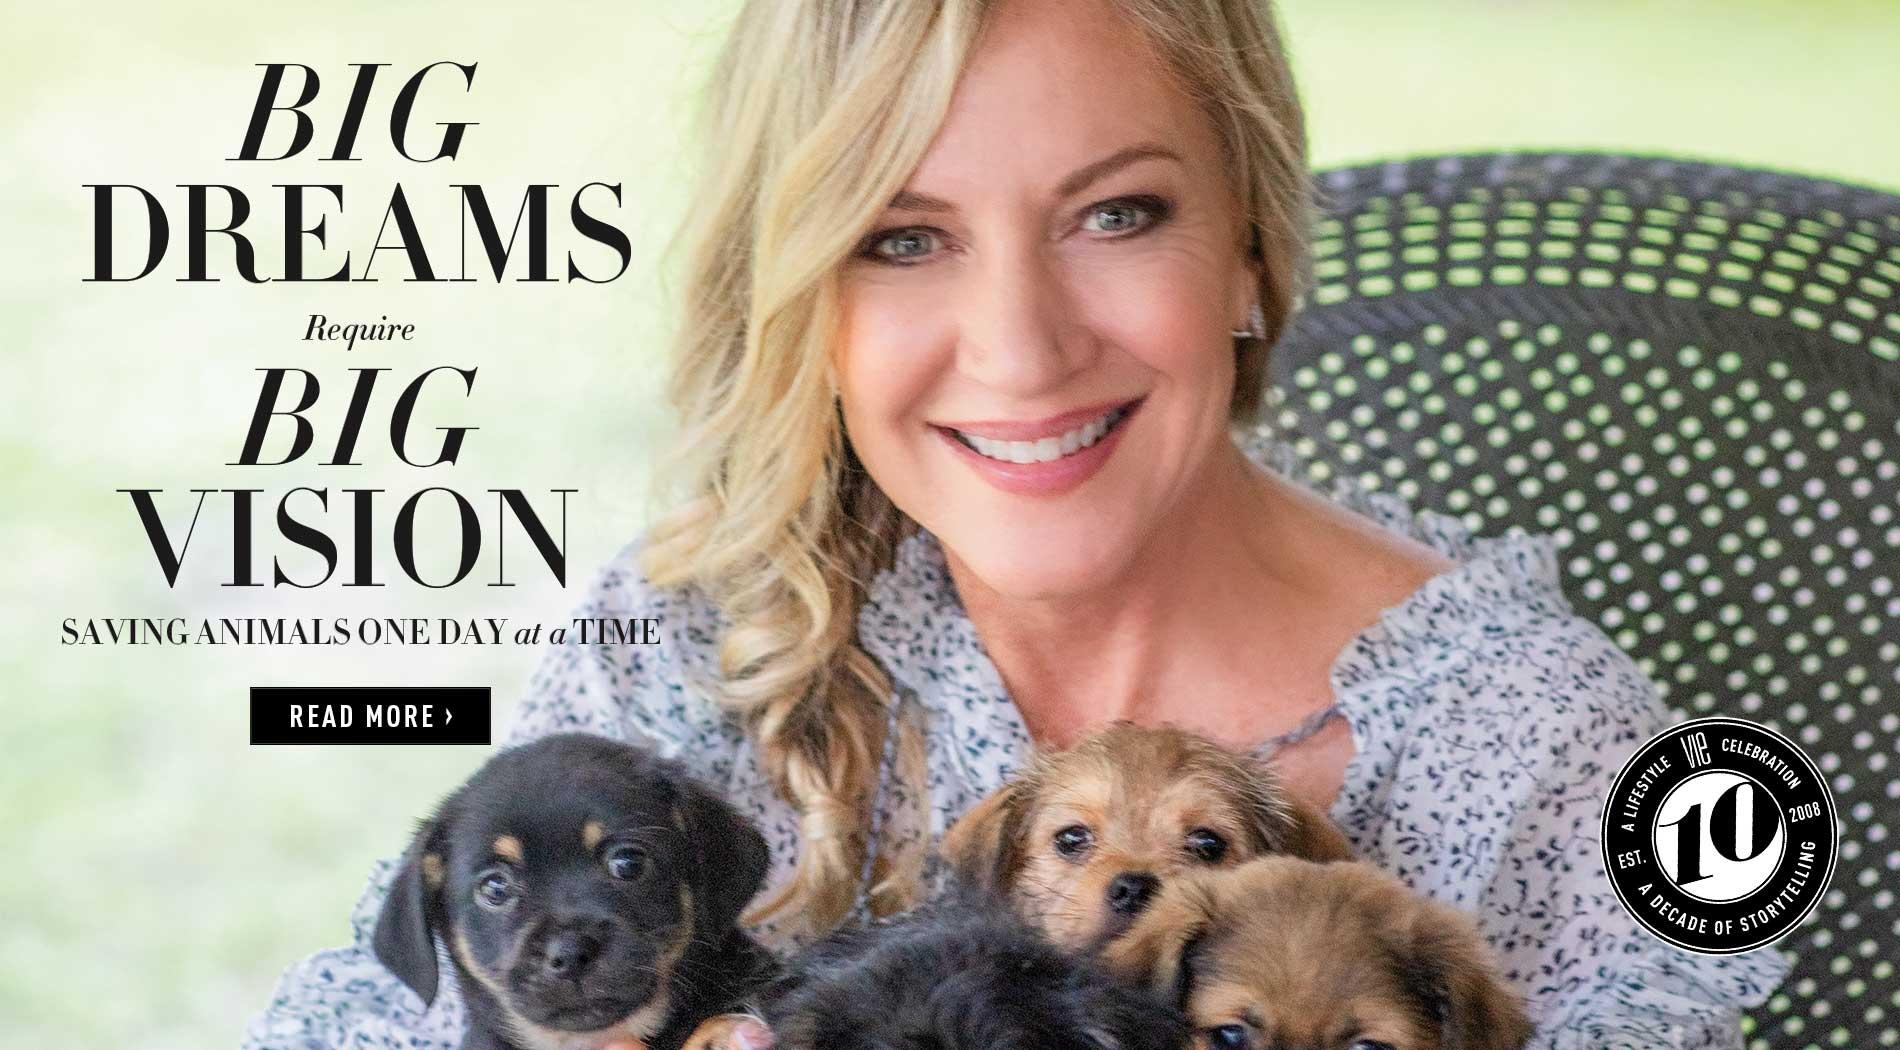 VIE Magazine - August 2018 Animal Issue - Alaqua Animal Refuge Laurie hood